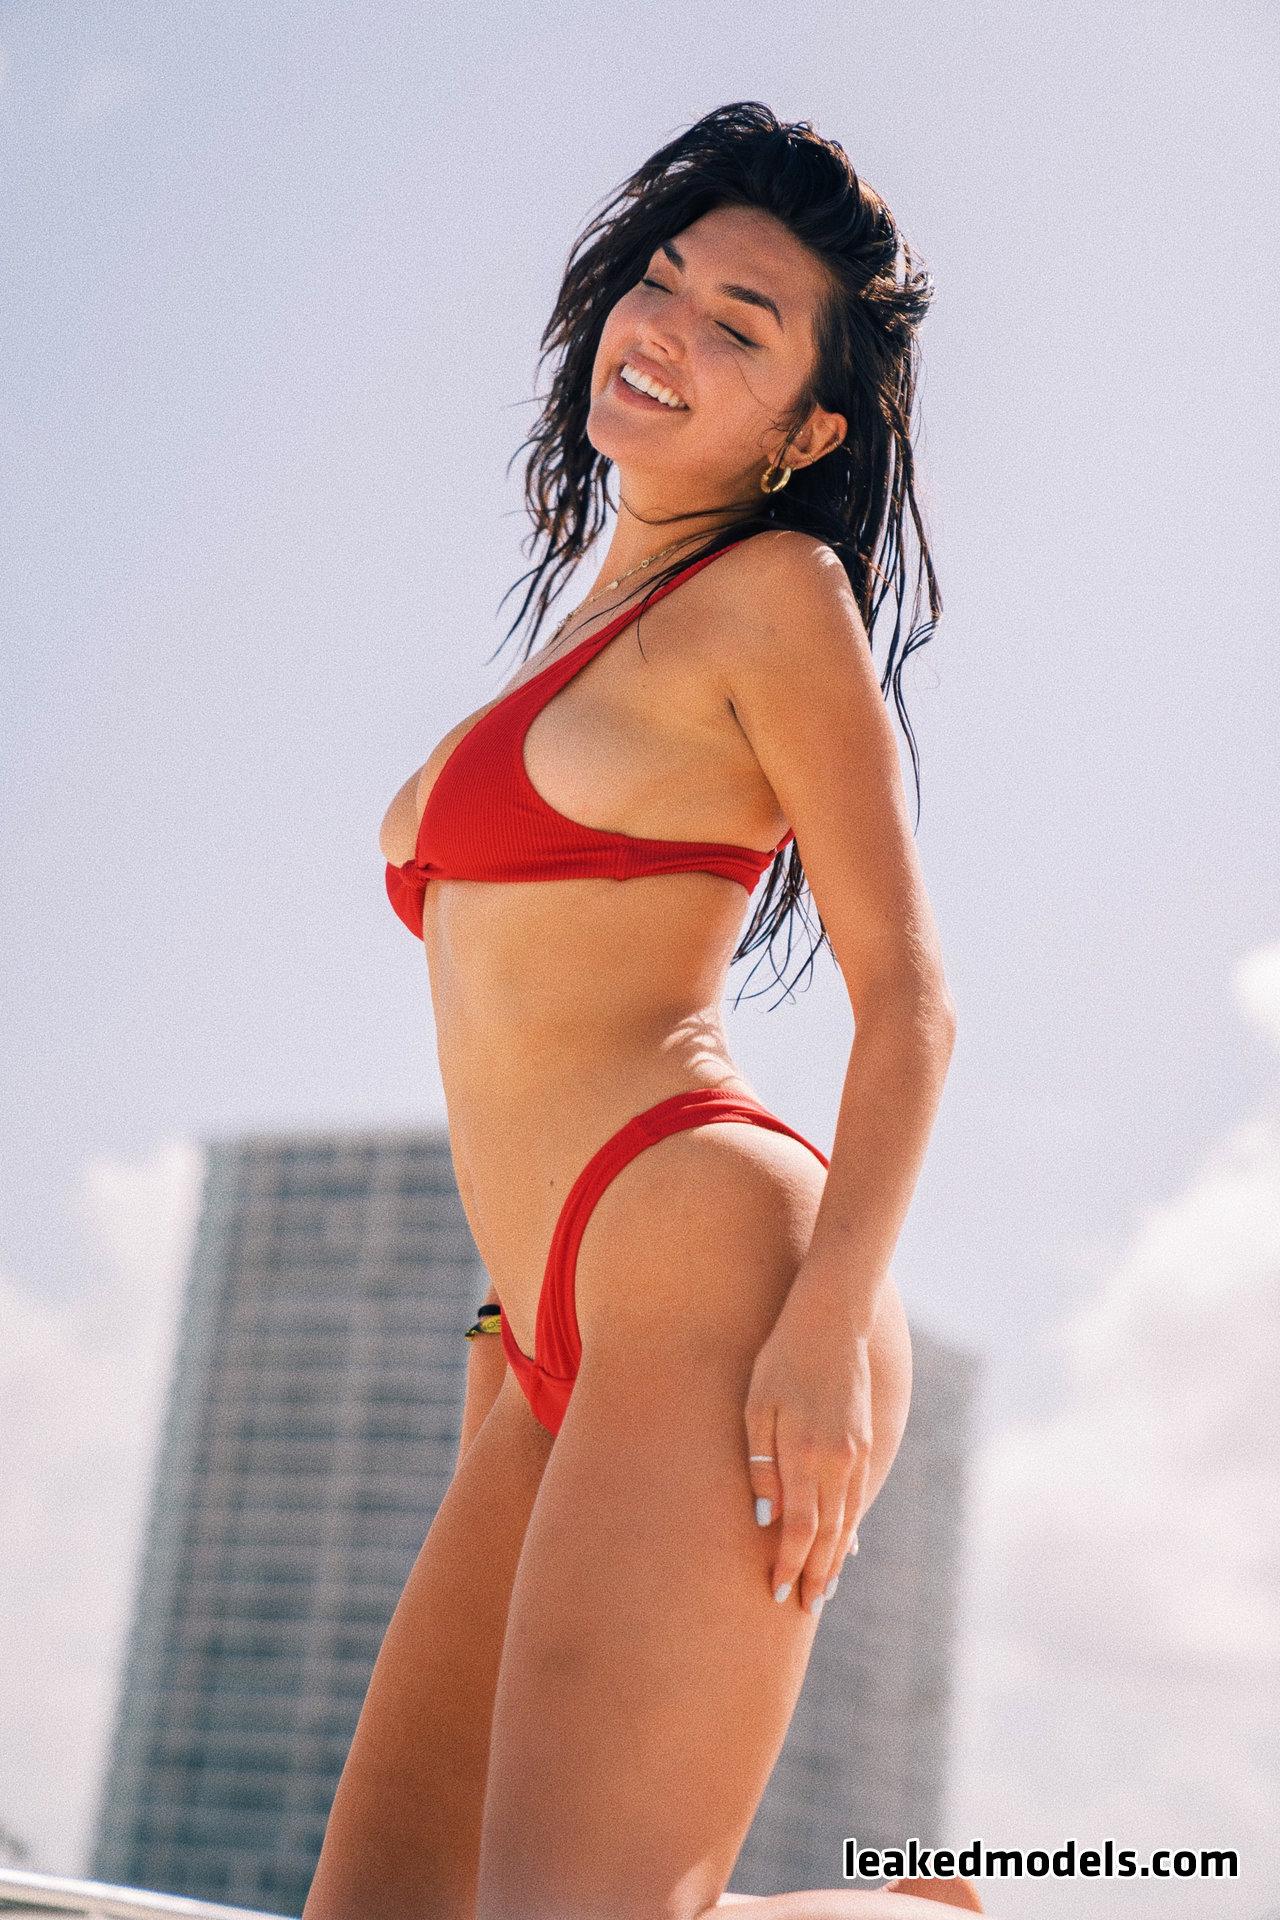 Hailee Lautenbach – Haileebobailee OnlyFans Sexy Leaks (30 Photos)